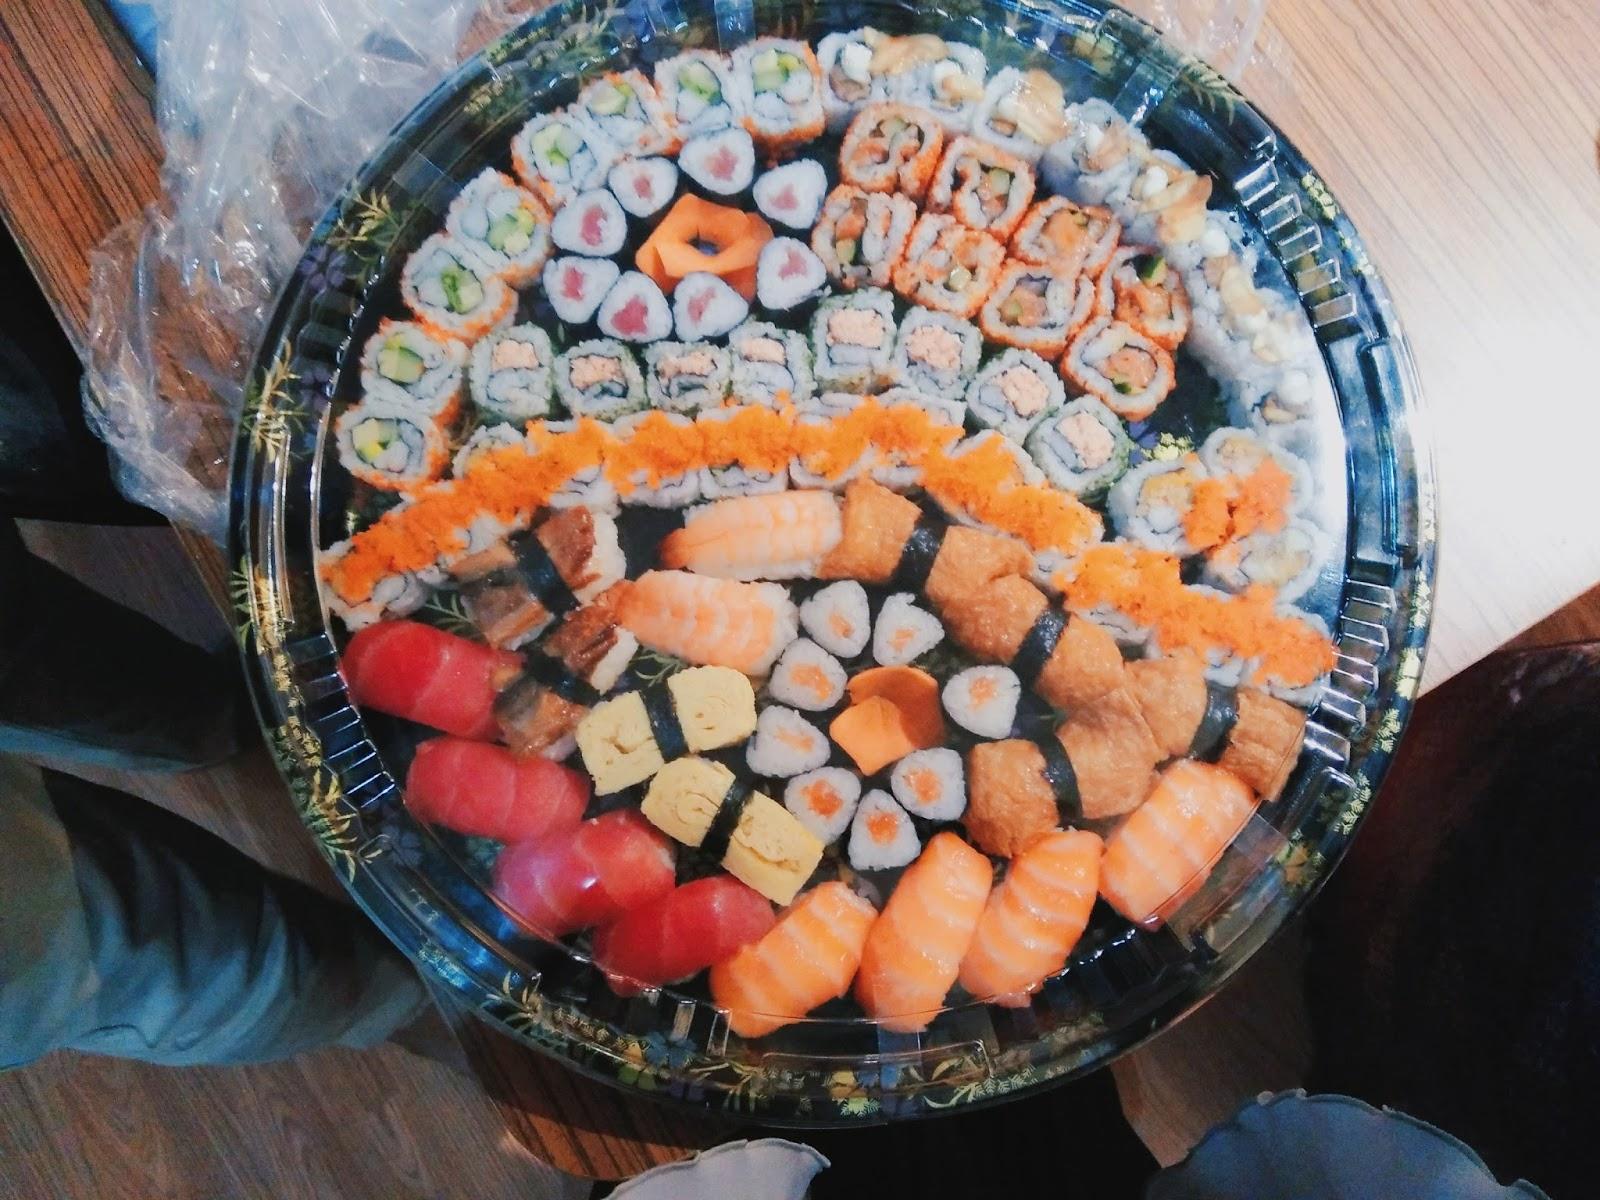 Allysa & Sushi : Sejarah Tak Perlu Berdarah - Sushi Kiosk